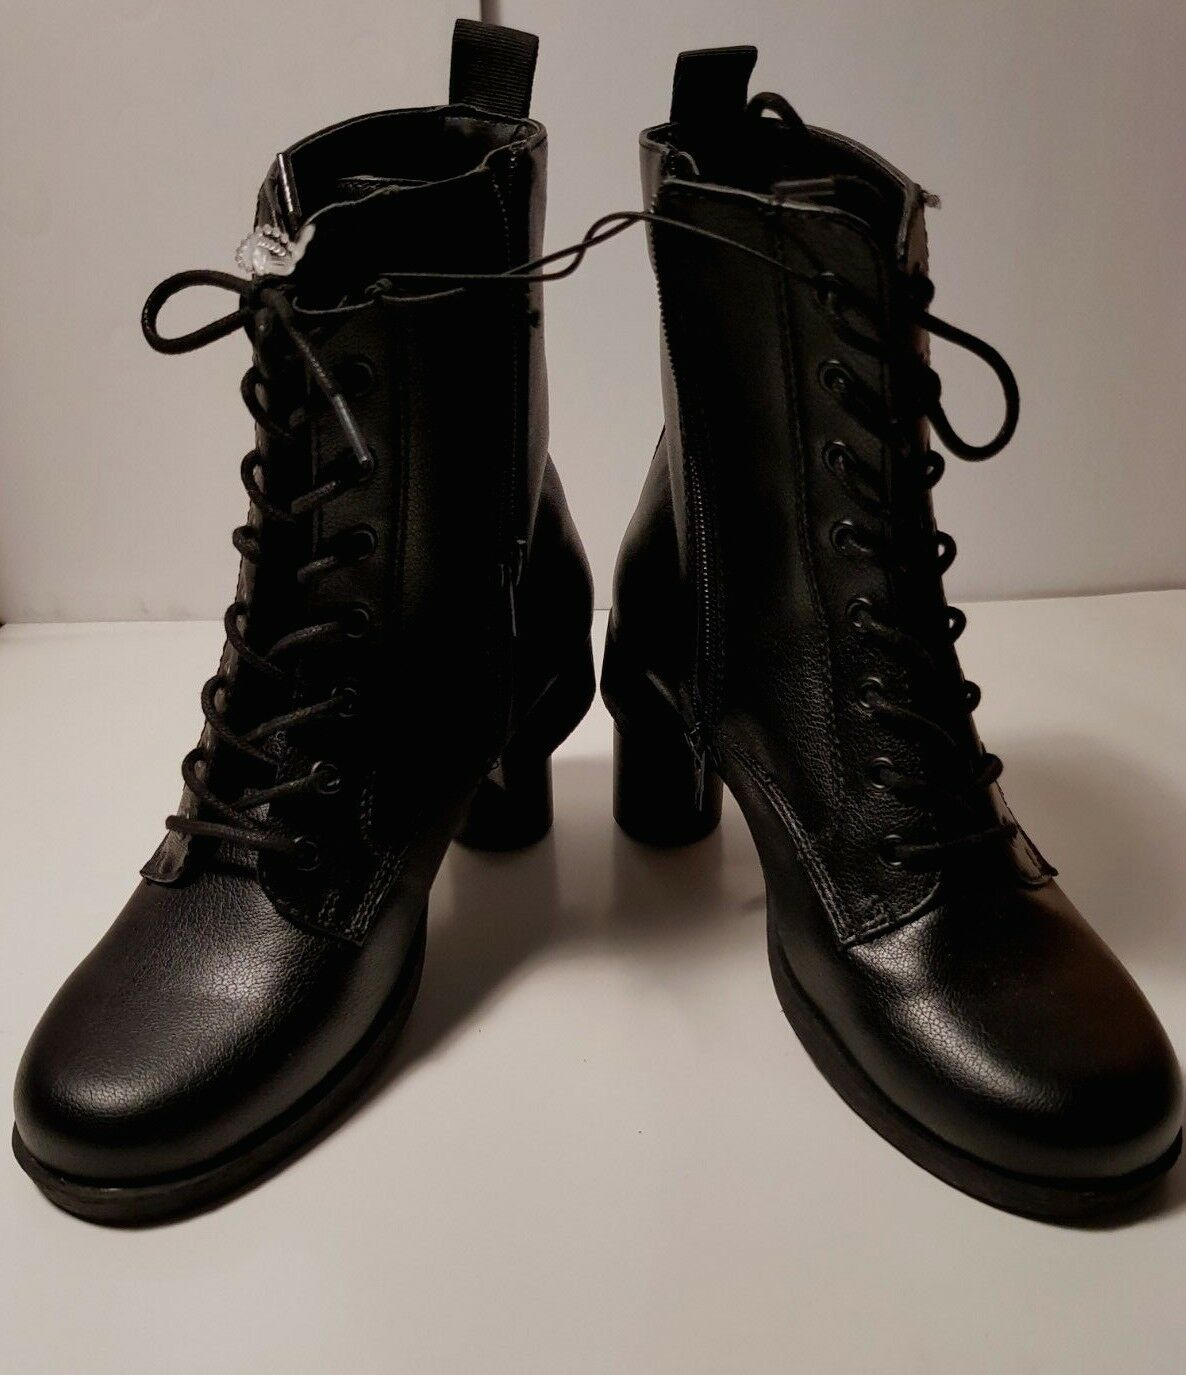 Kendall + Kylie Femmes porter porter porter dentelle, Zip Intérieur démarrage noir 6 M US 859692